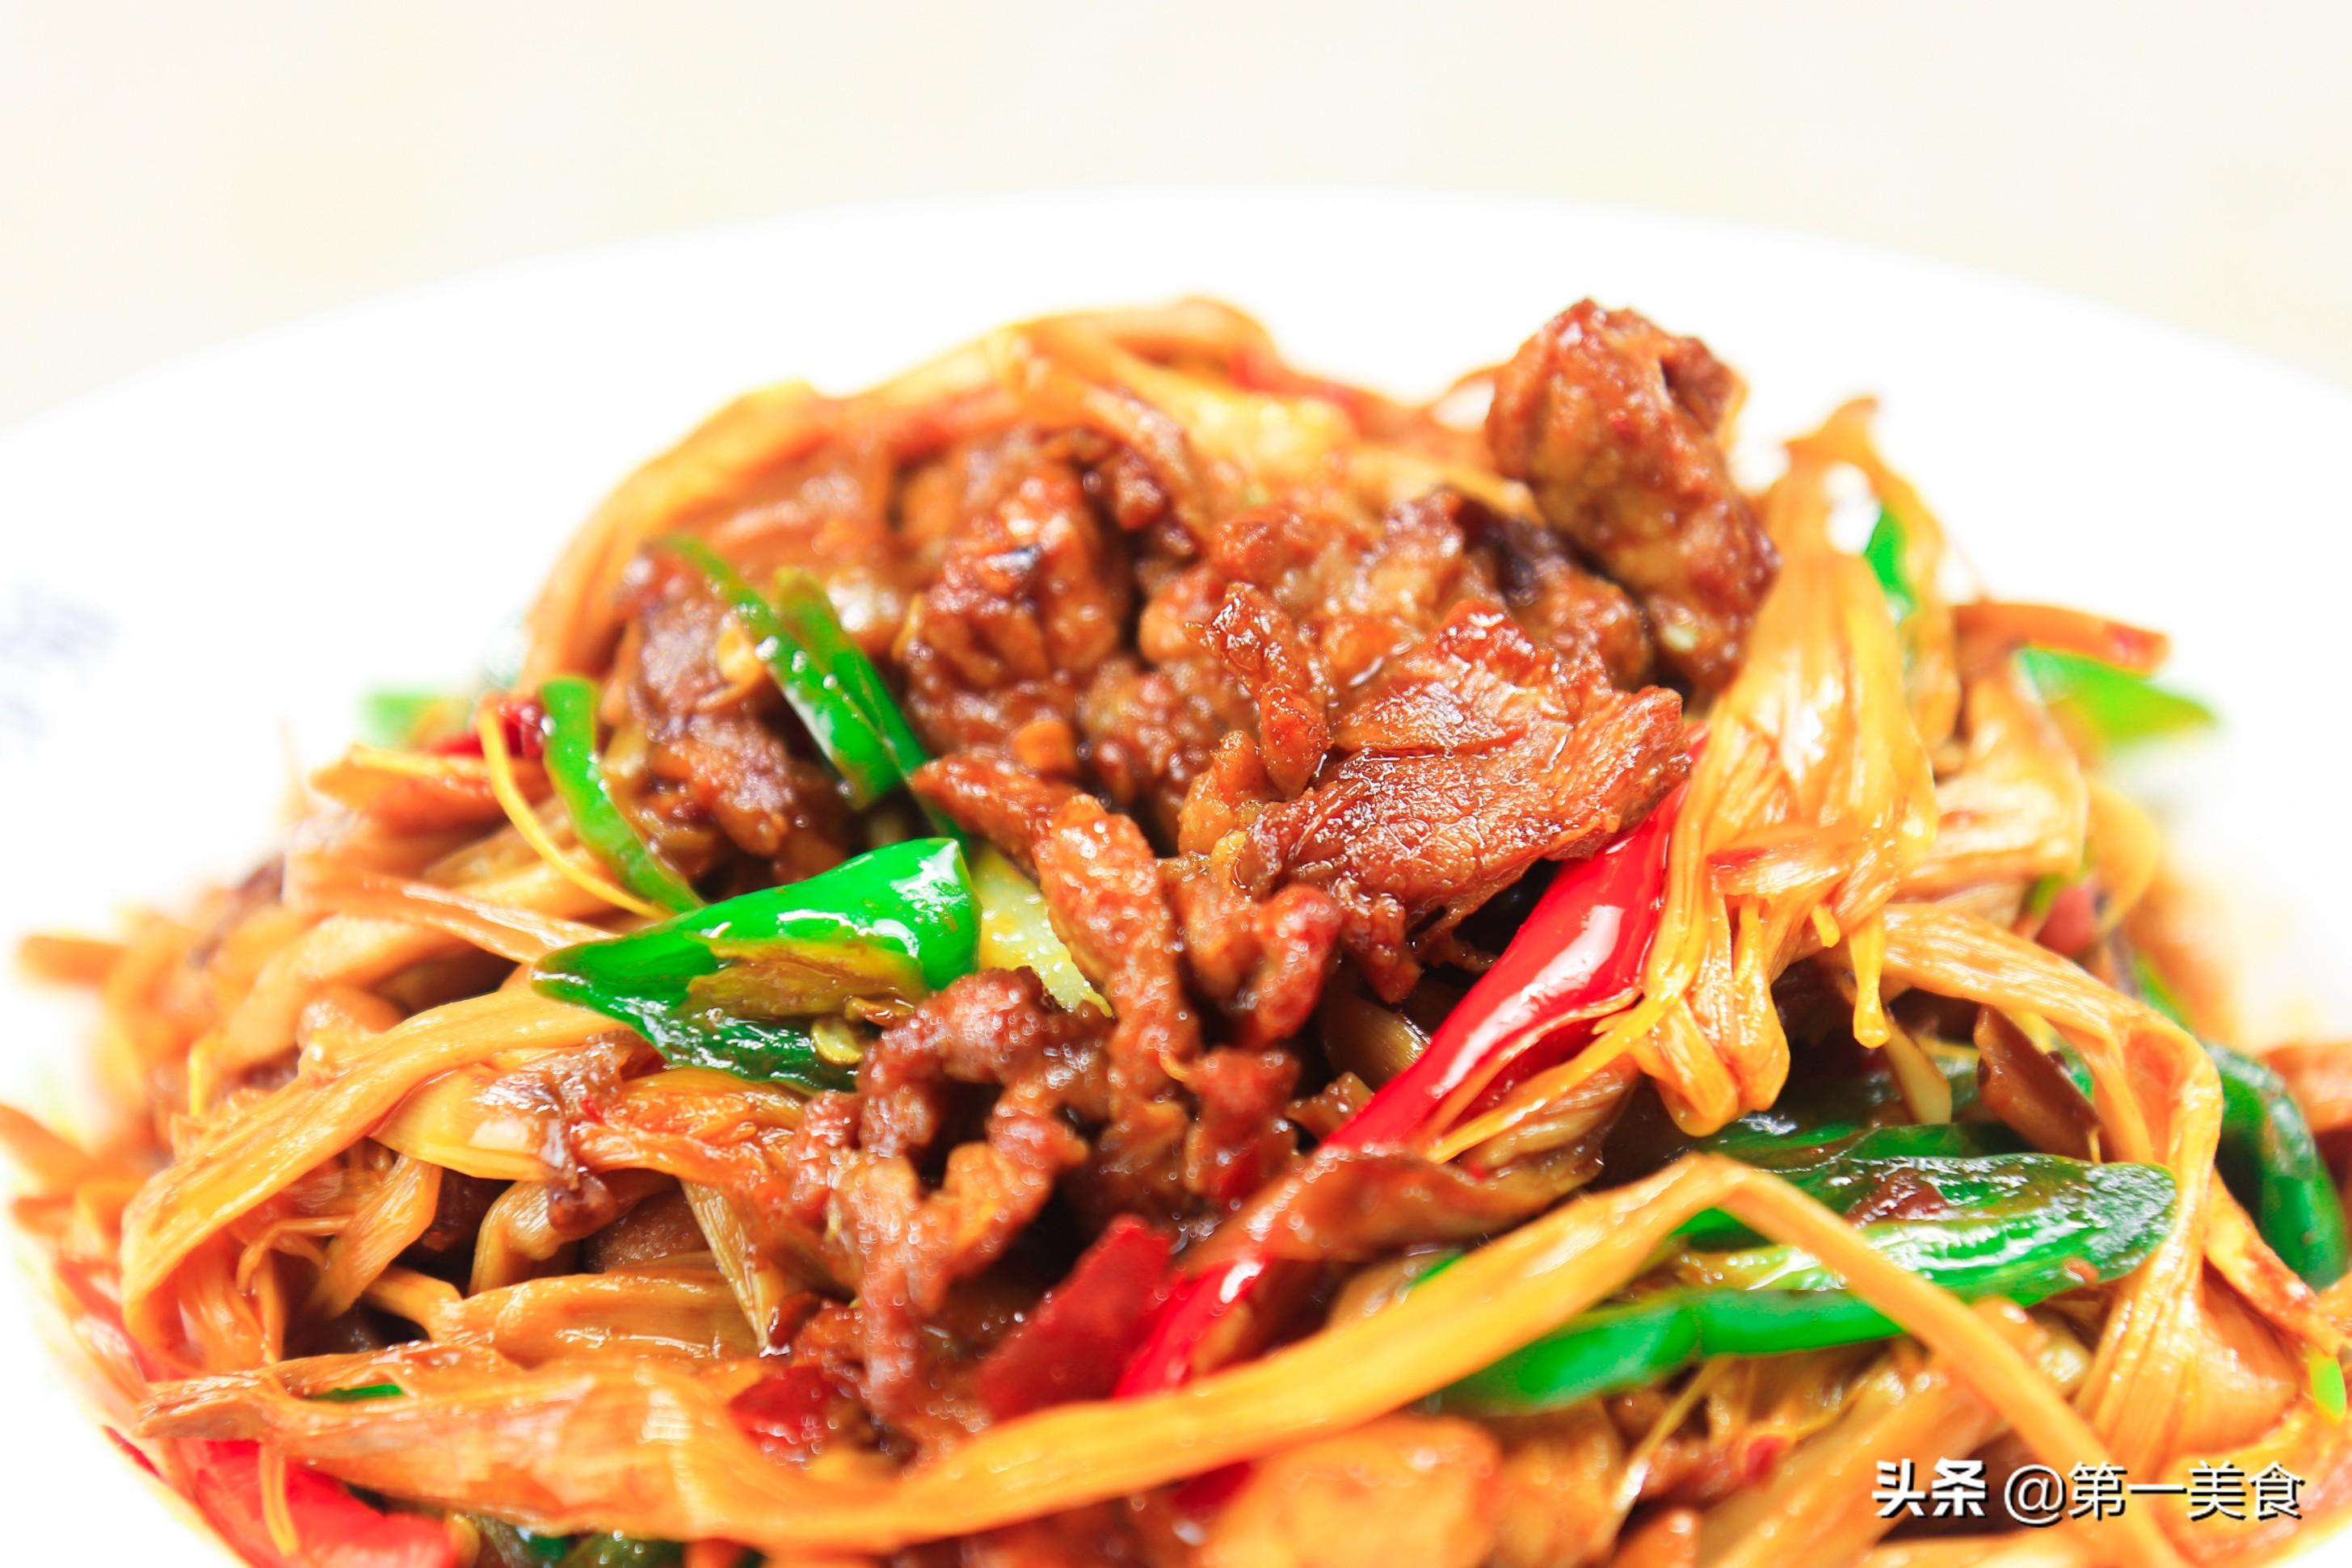 黄花菜炒肉的家常做法,地道农家菜